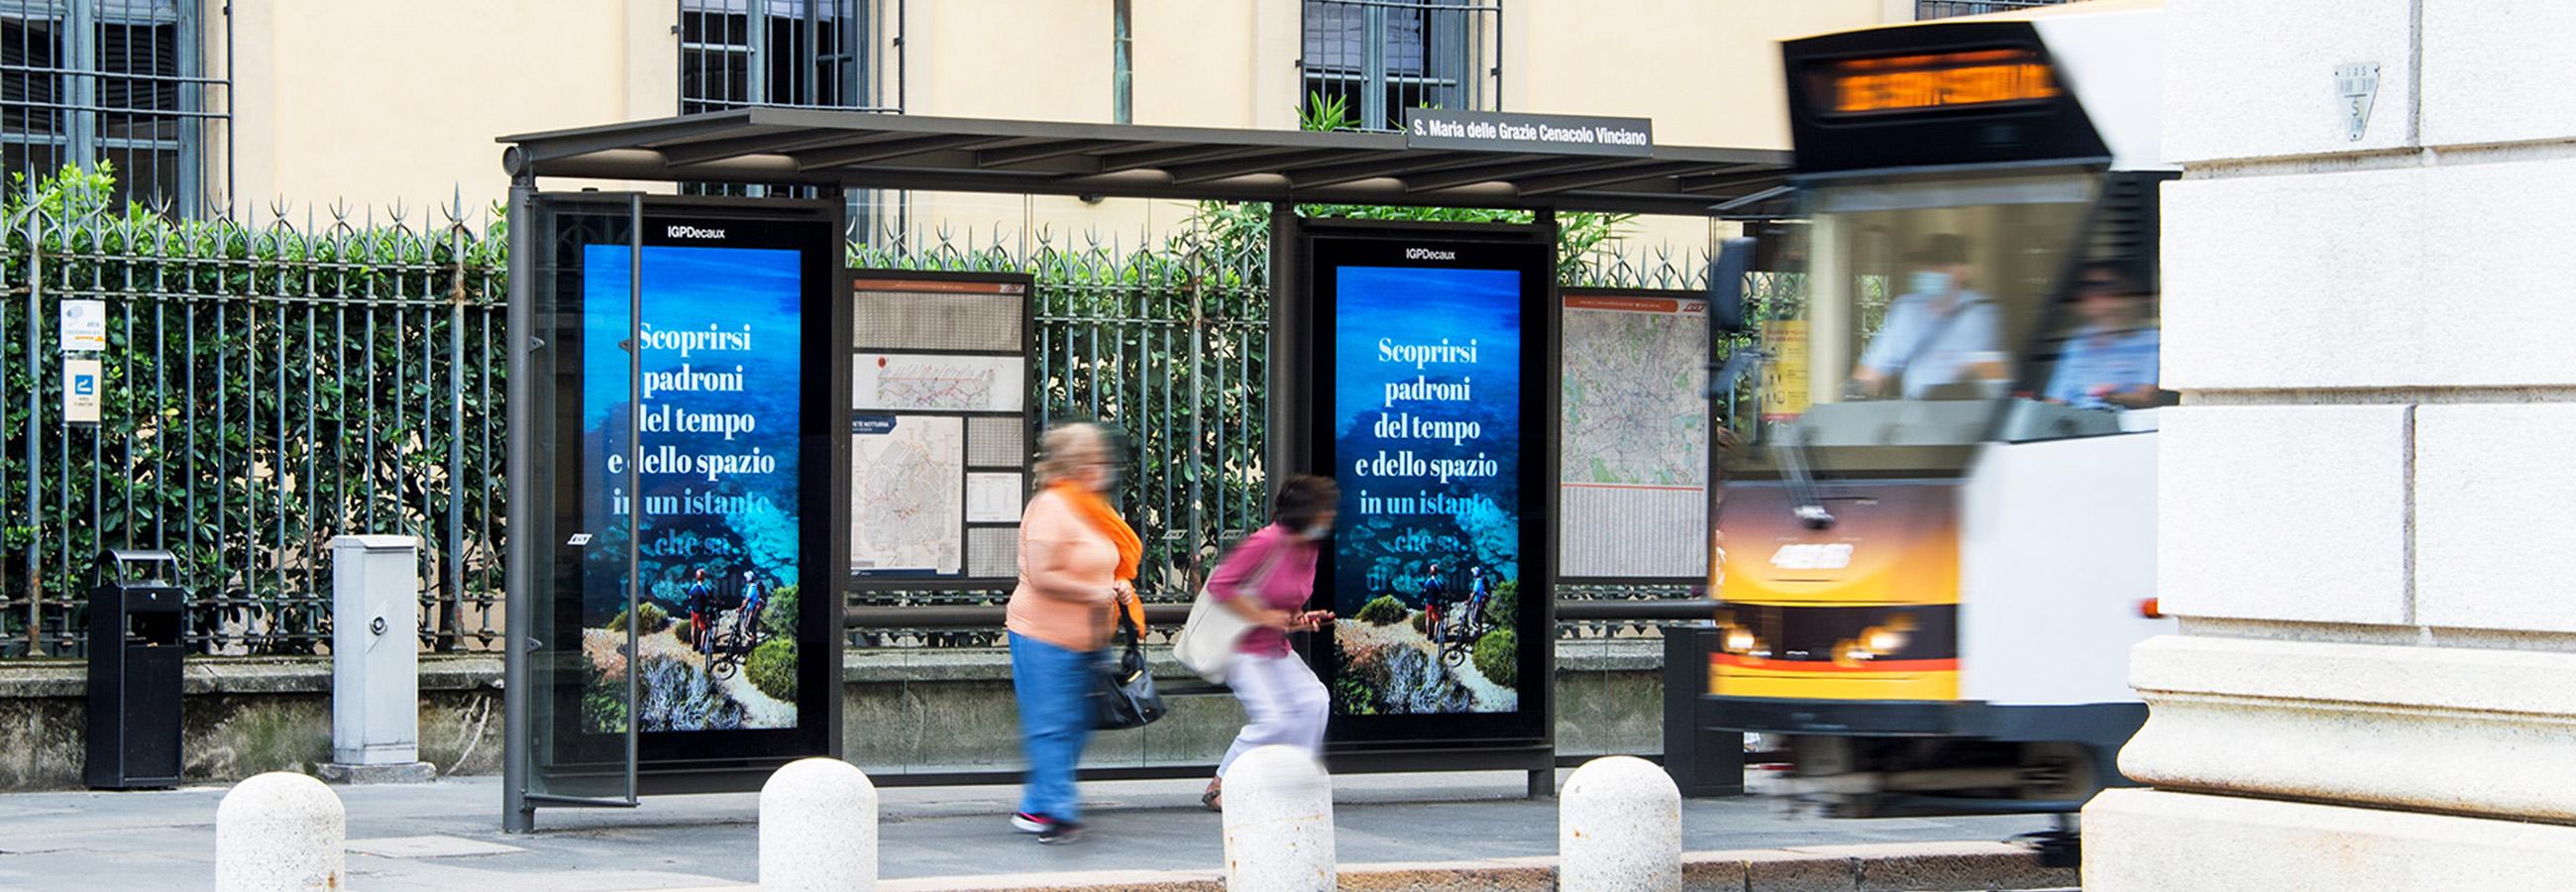 Toscana Promozione Turistica campagna IGPDecaux